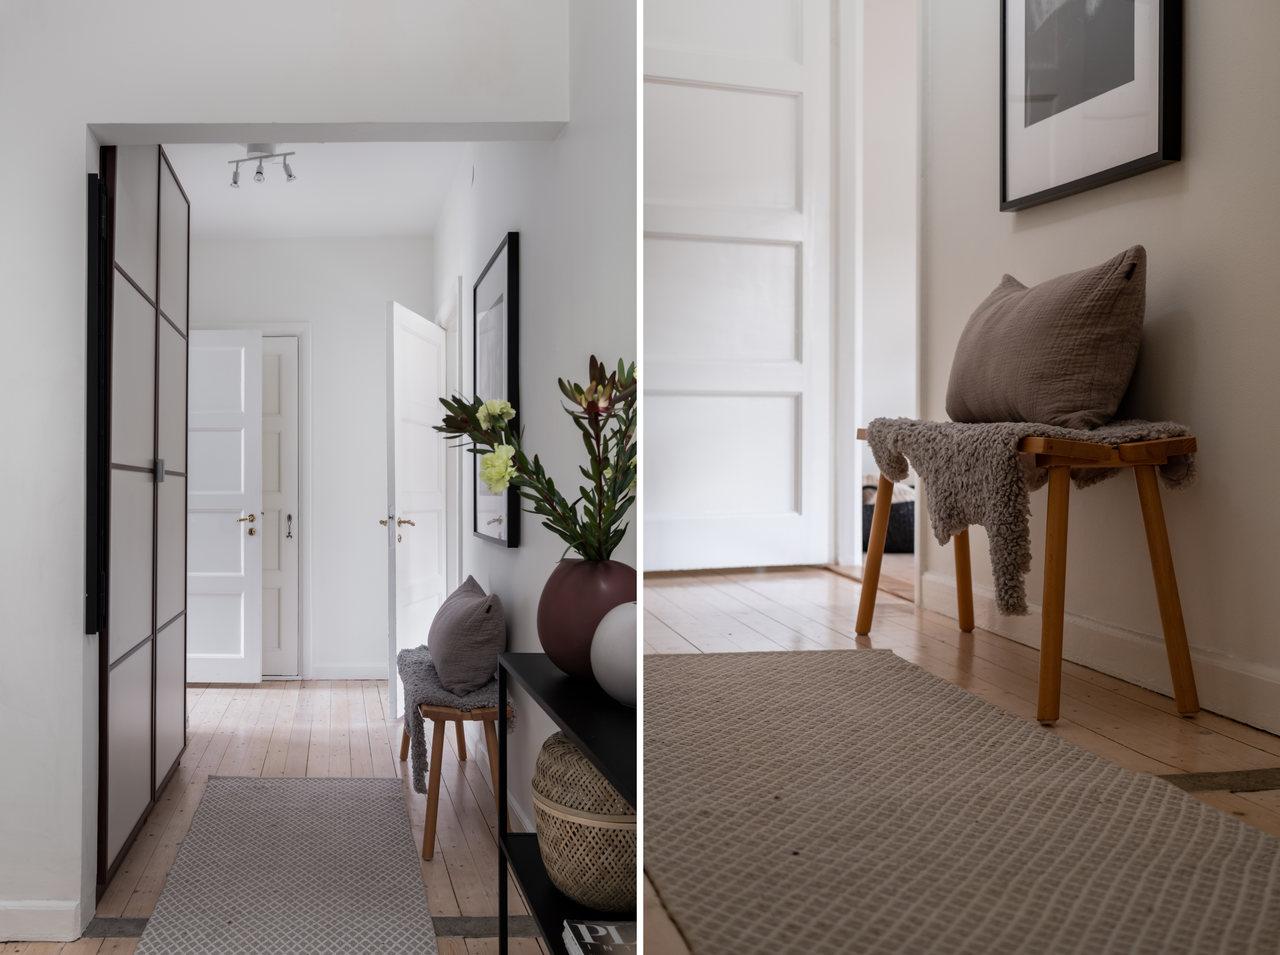 Motive etnice și accente calde de culoare într un apartament de 76 m² 14